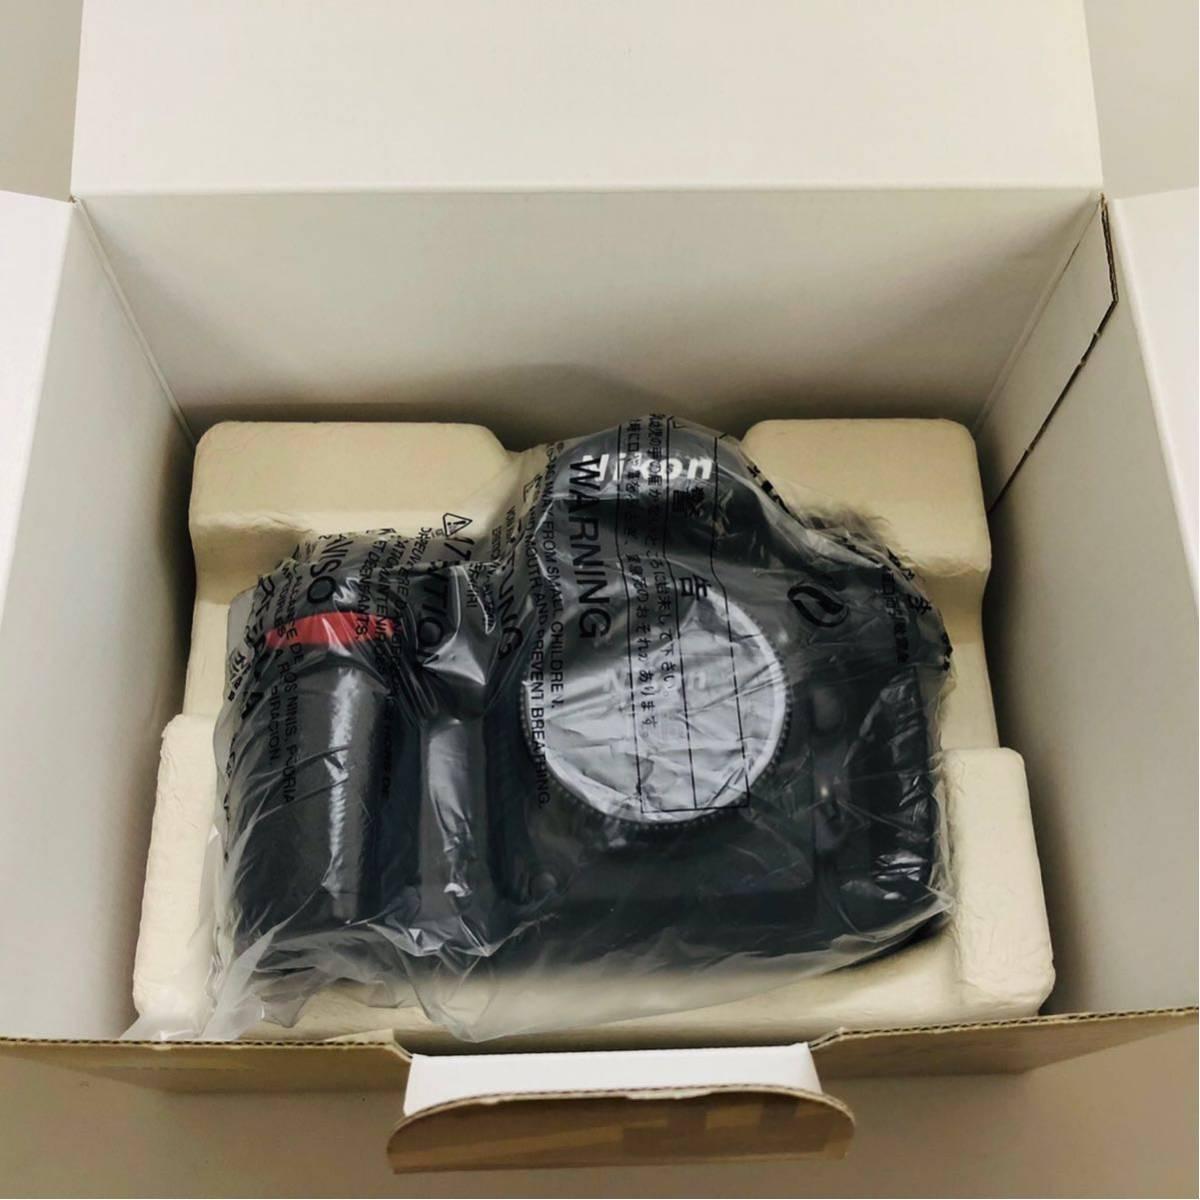 【コレクター放出品】Nikon ニコン F6 ボディ 箱付き シリアル一致元箱 _画像2